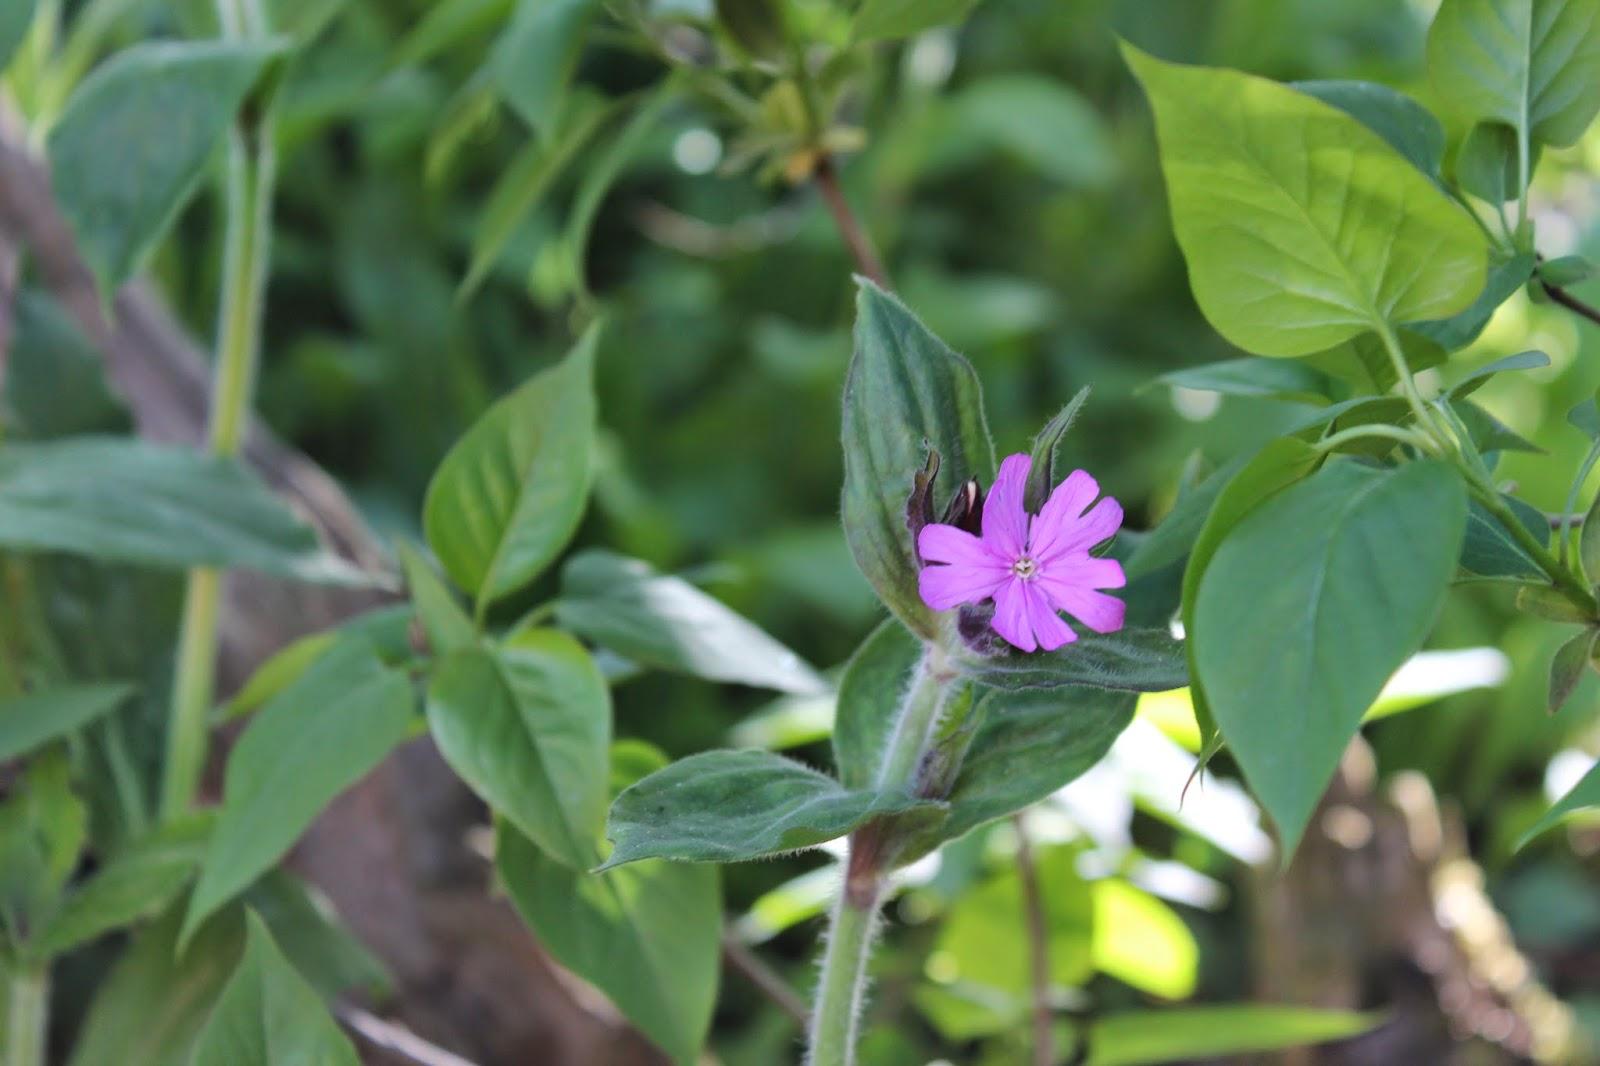 Anettesflora: forhaven, nu også med diy låge af kæppe